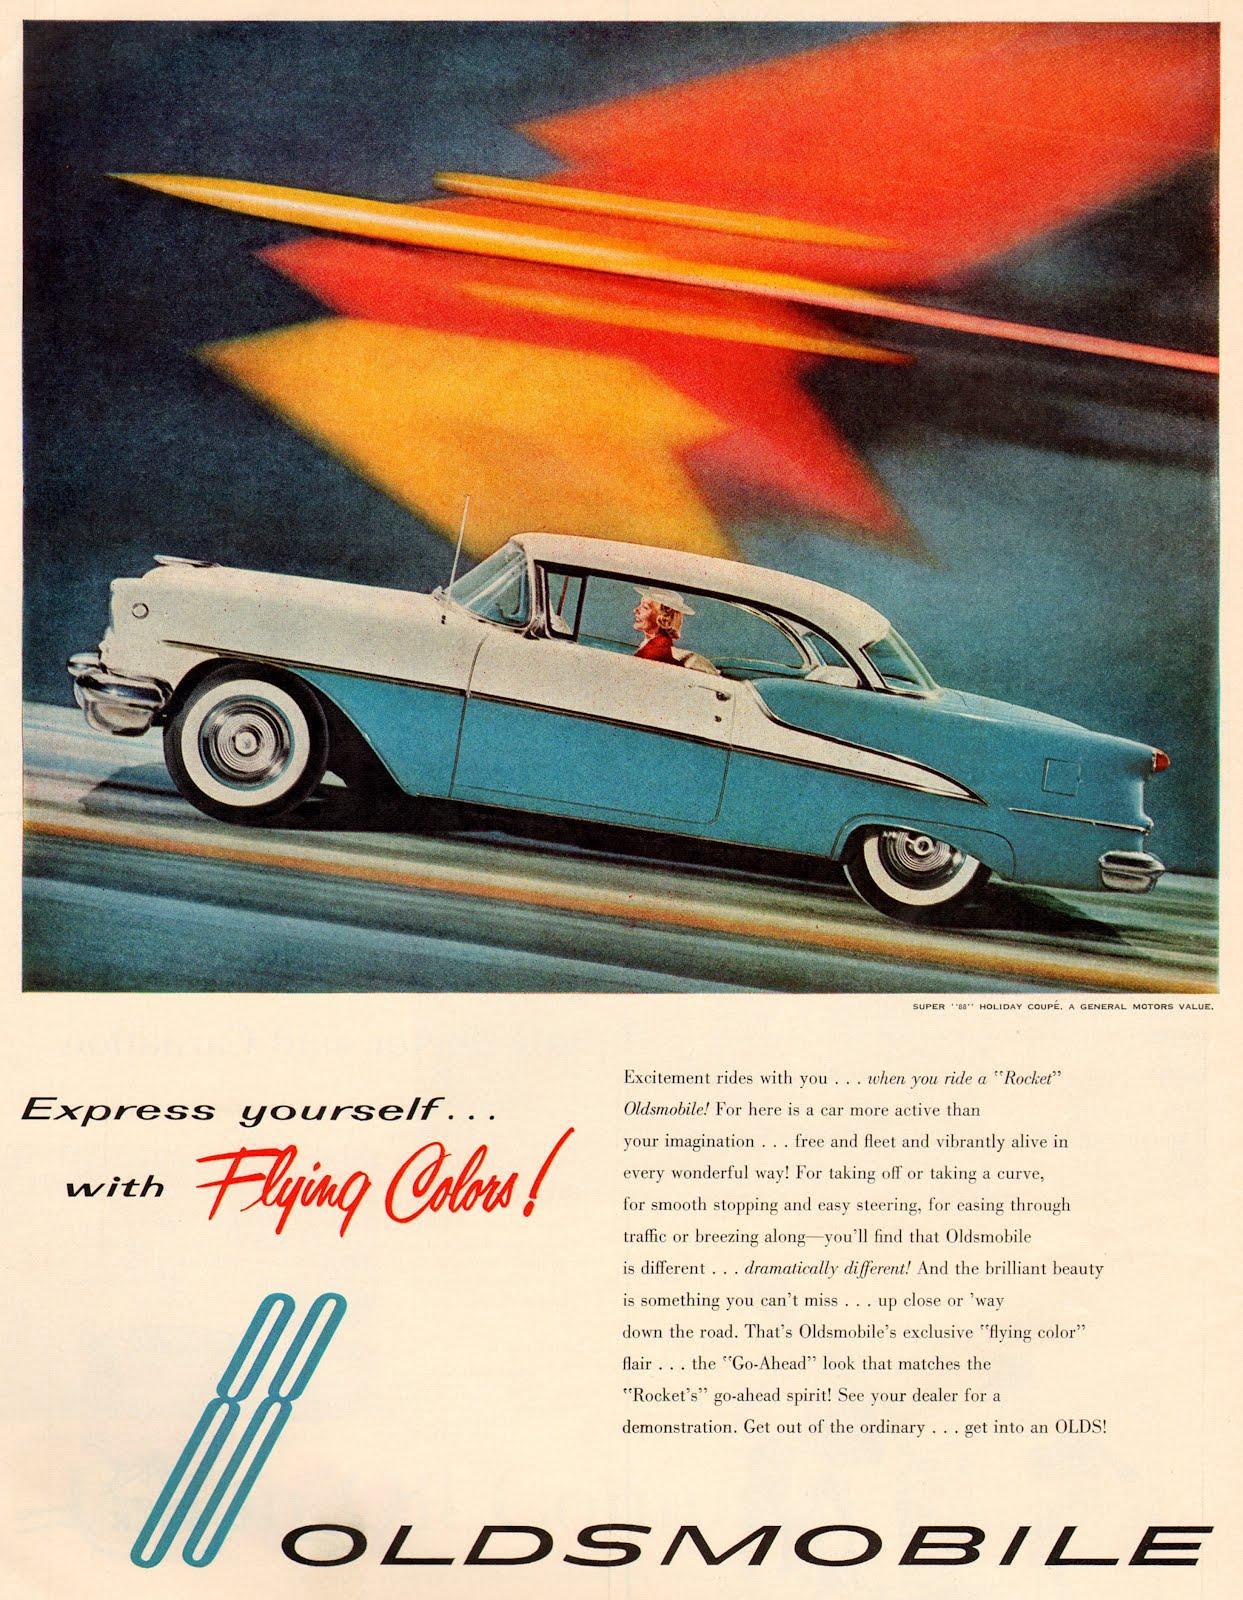 Vintage Automobile Advertisements 65